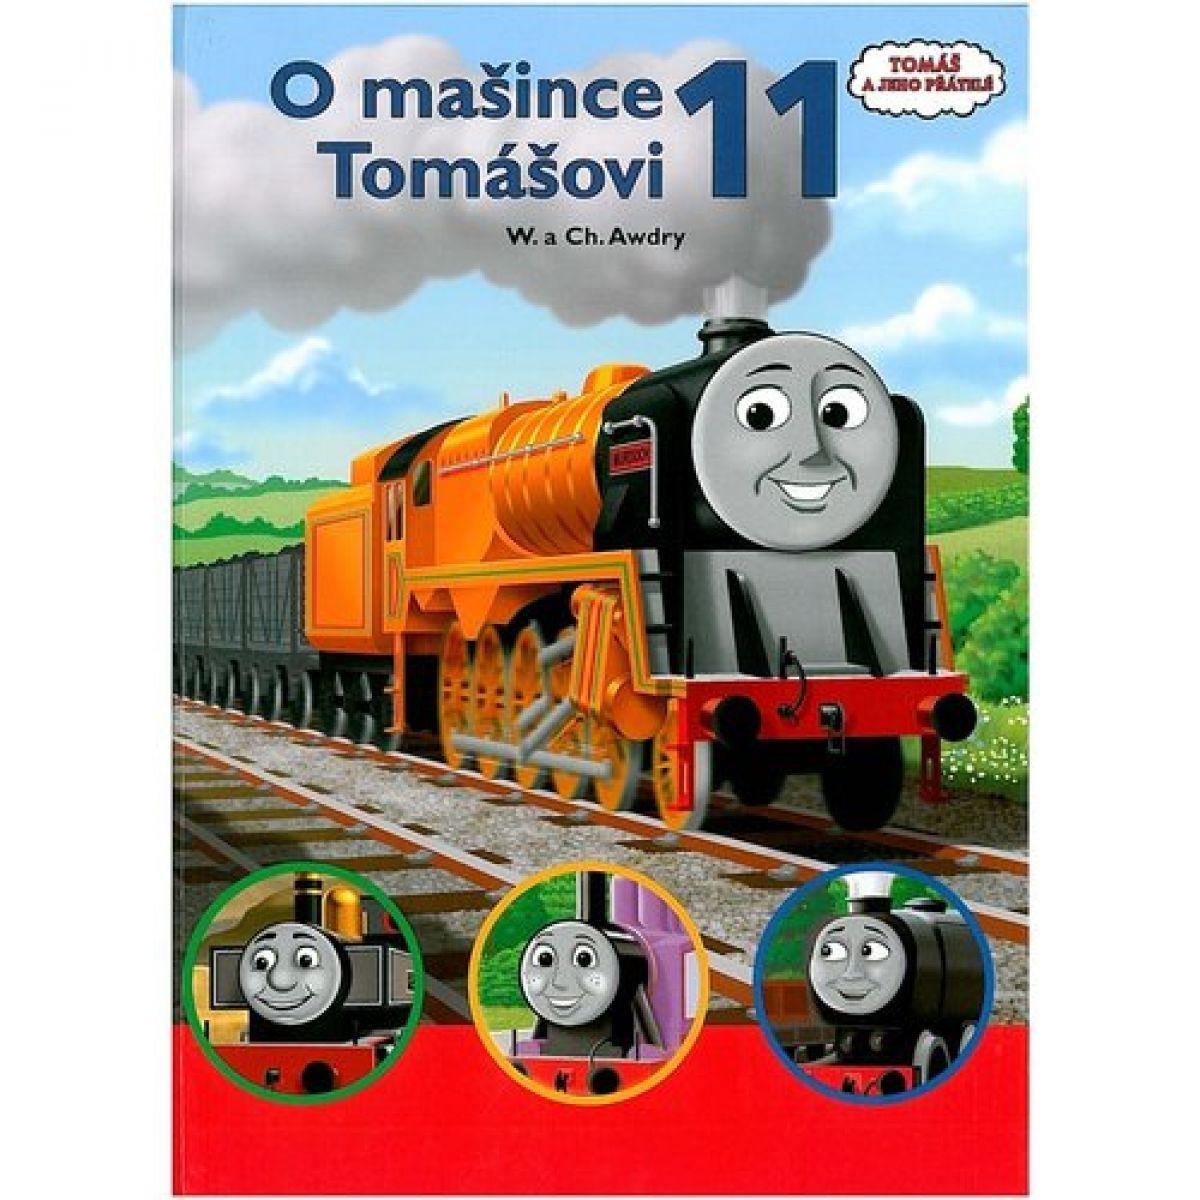 O mašince Tomášovi 11 - Awdry, Wilbert Vere (EGMONT 0081681)